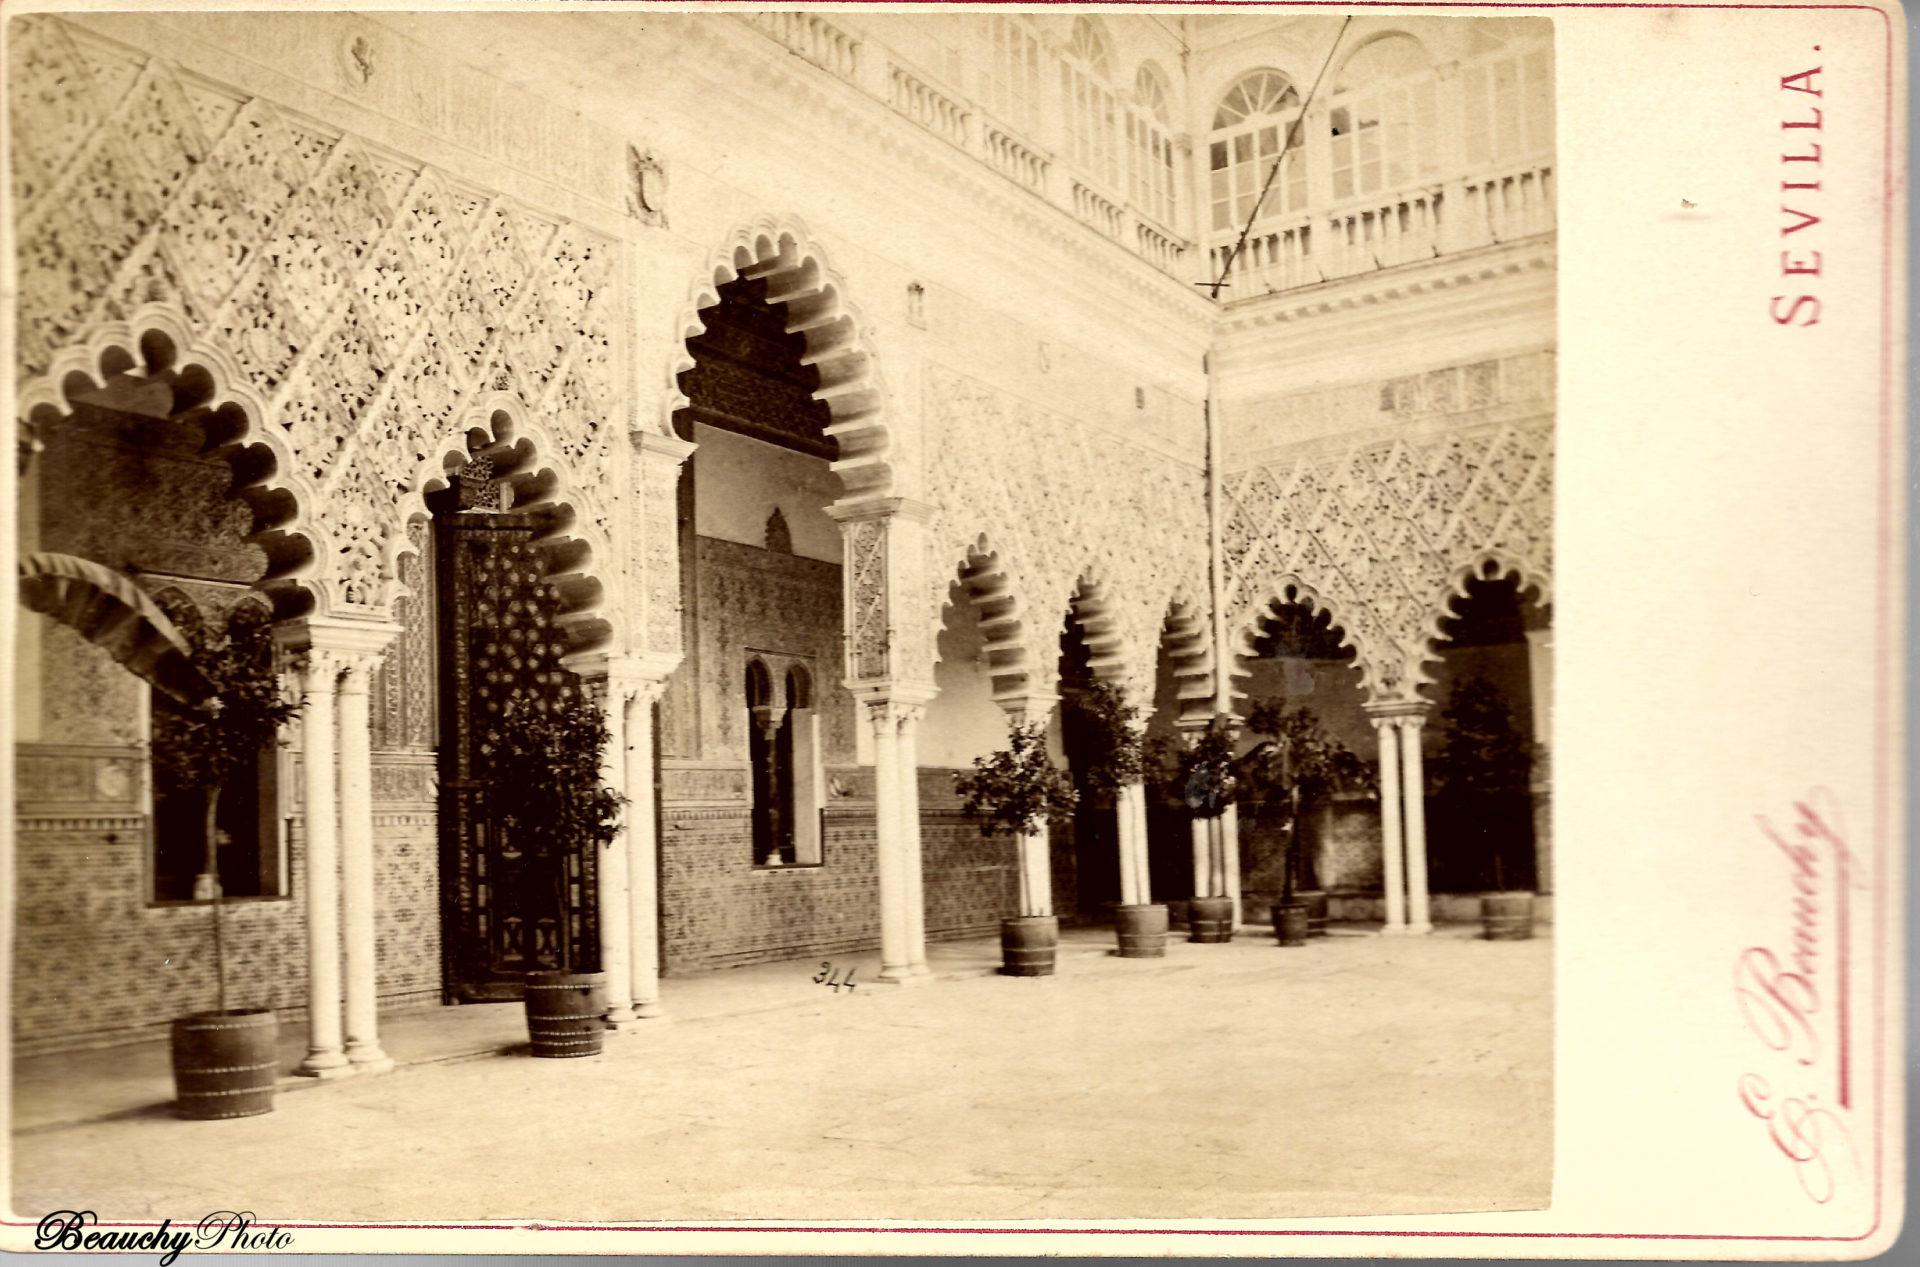 Frente del dormitorio de los Reyes Moros del Palacio del Rey Don Pedro del Alcázar de Sevilla